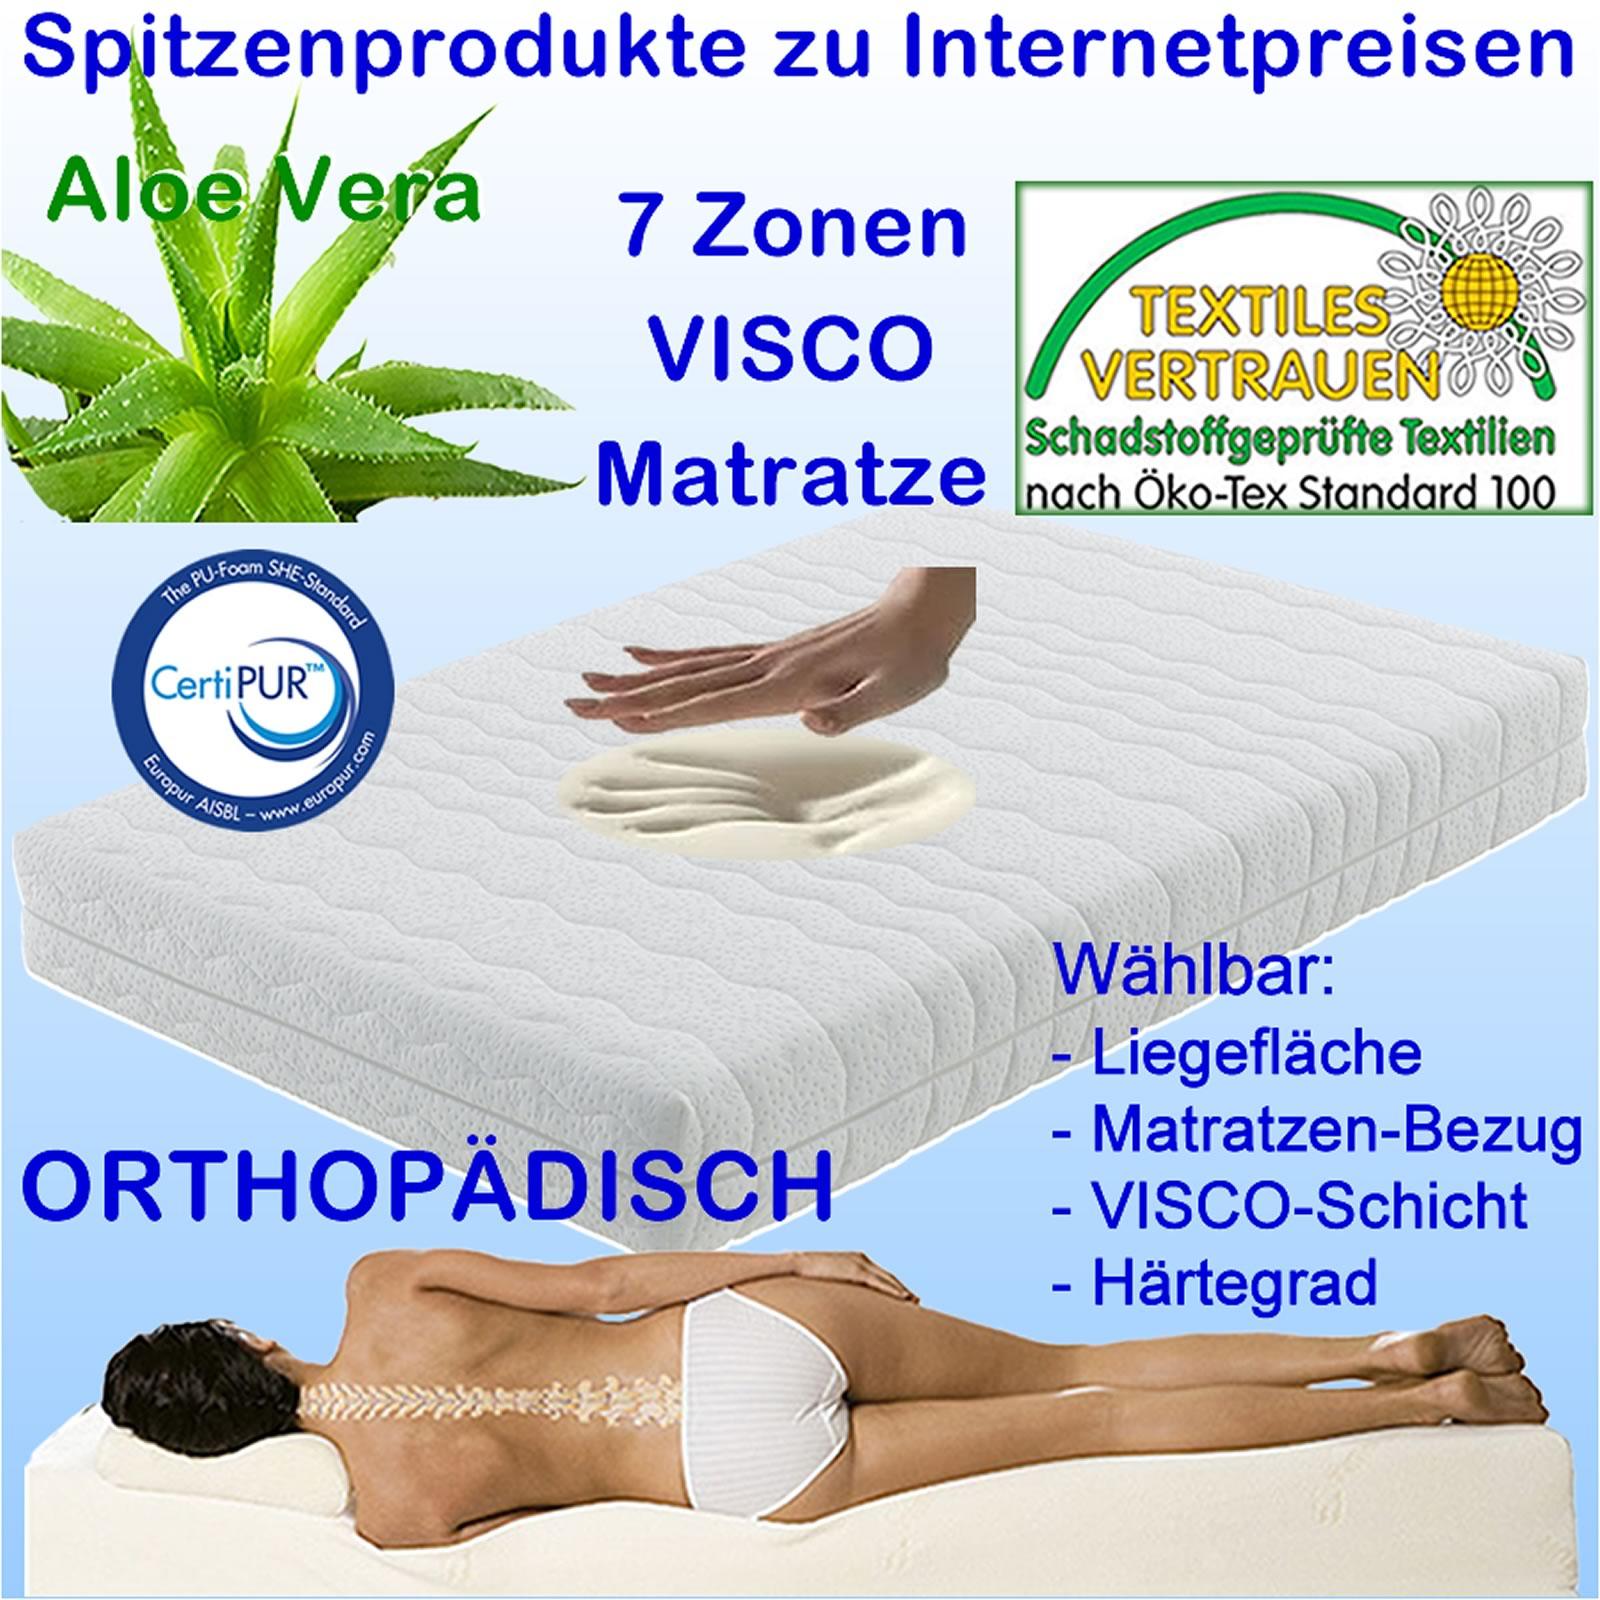 7 zonen premium orthop dische visco kaltschaum matratze auch f r vers lattenrost ebay. Black Bedroom Furniture Sets. Home Design Ideas